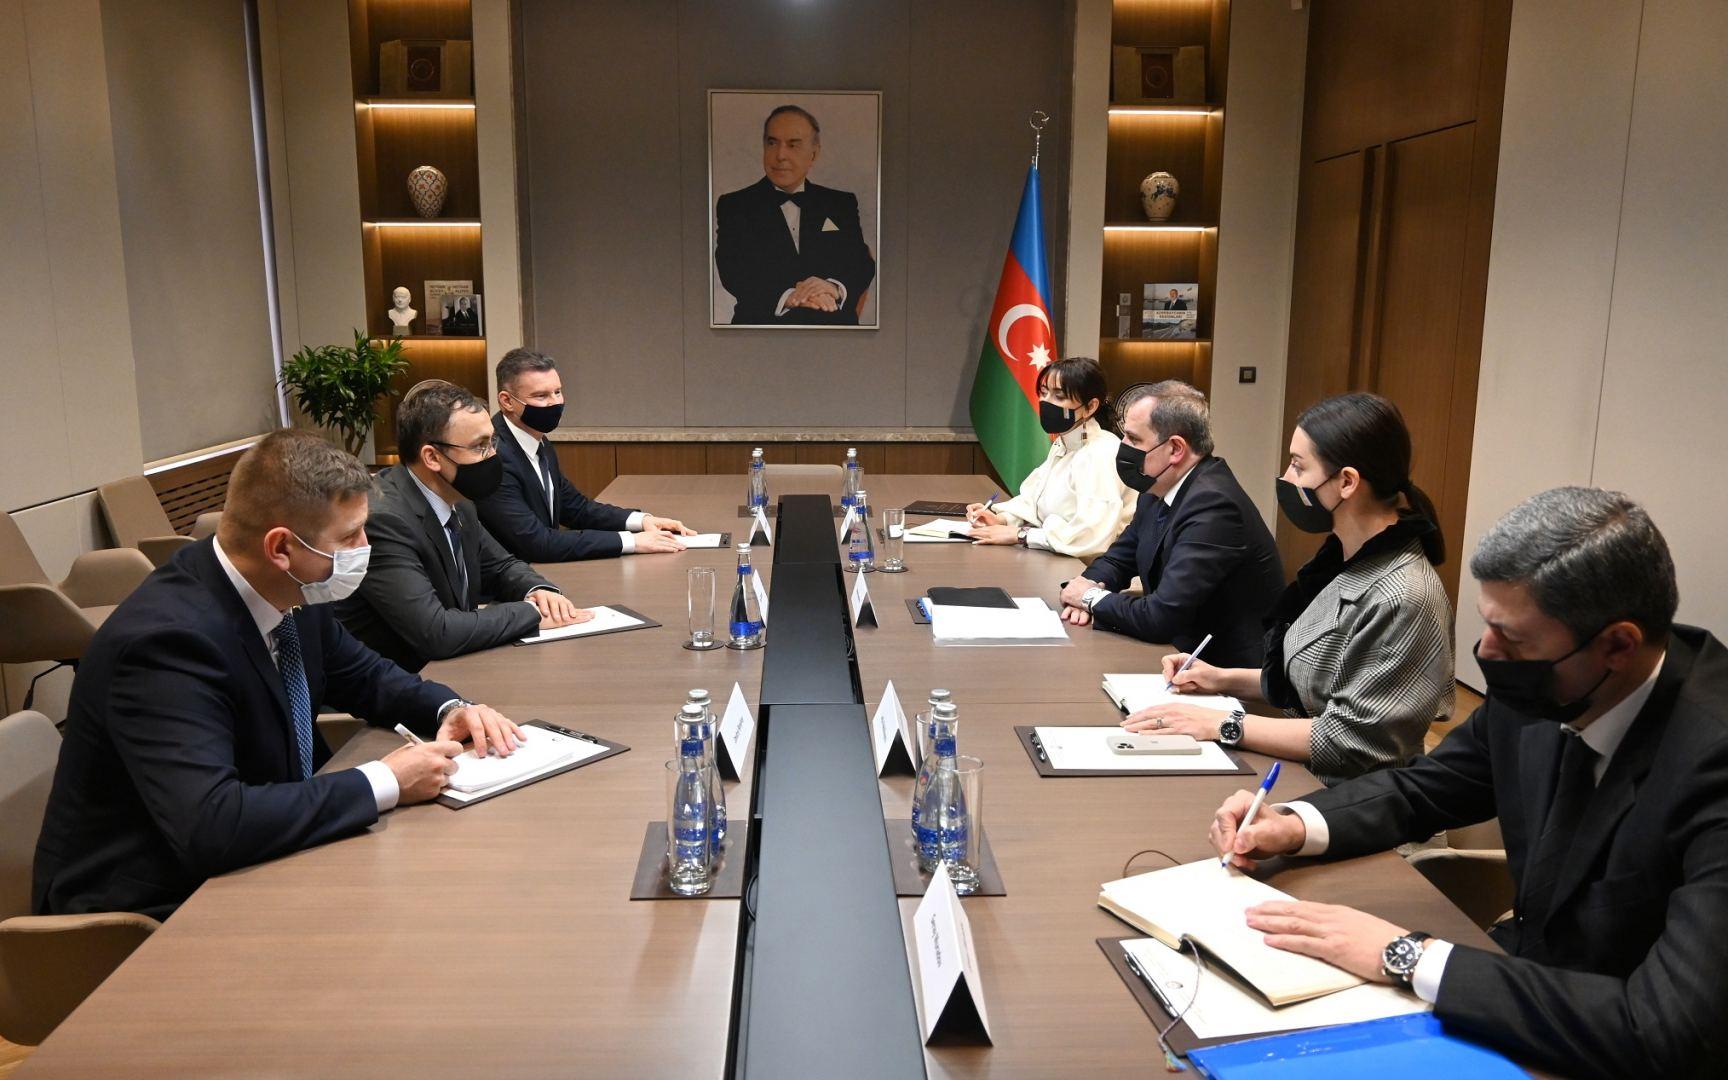 Министр иностранных дел Азербайджана встретился с замминистра МИД Украины (ФОТО)